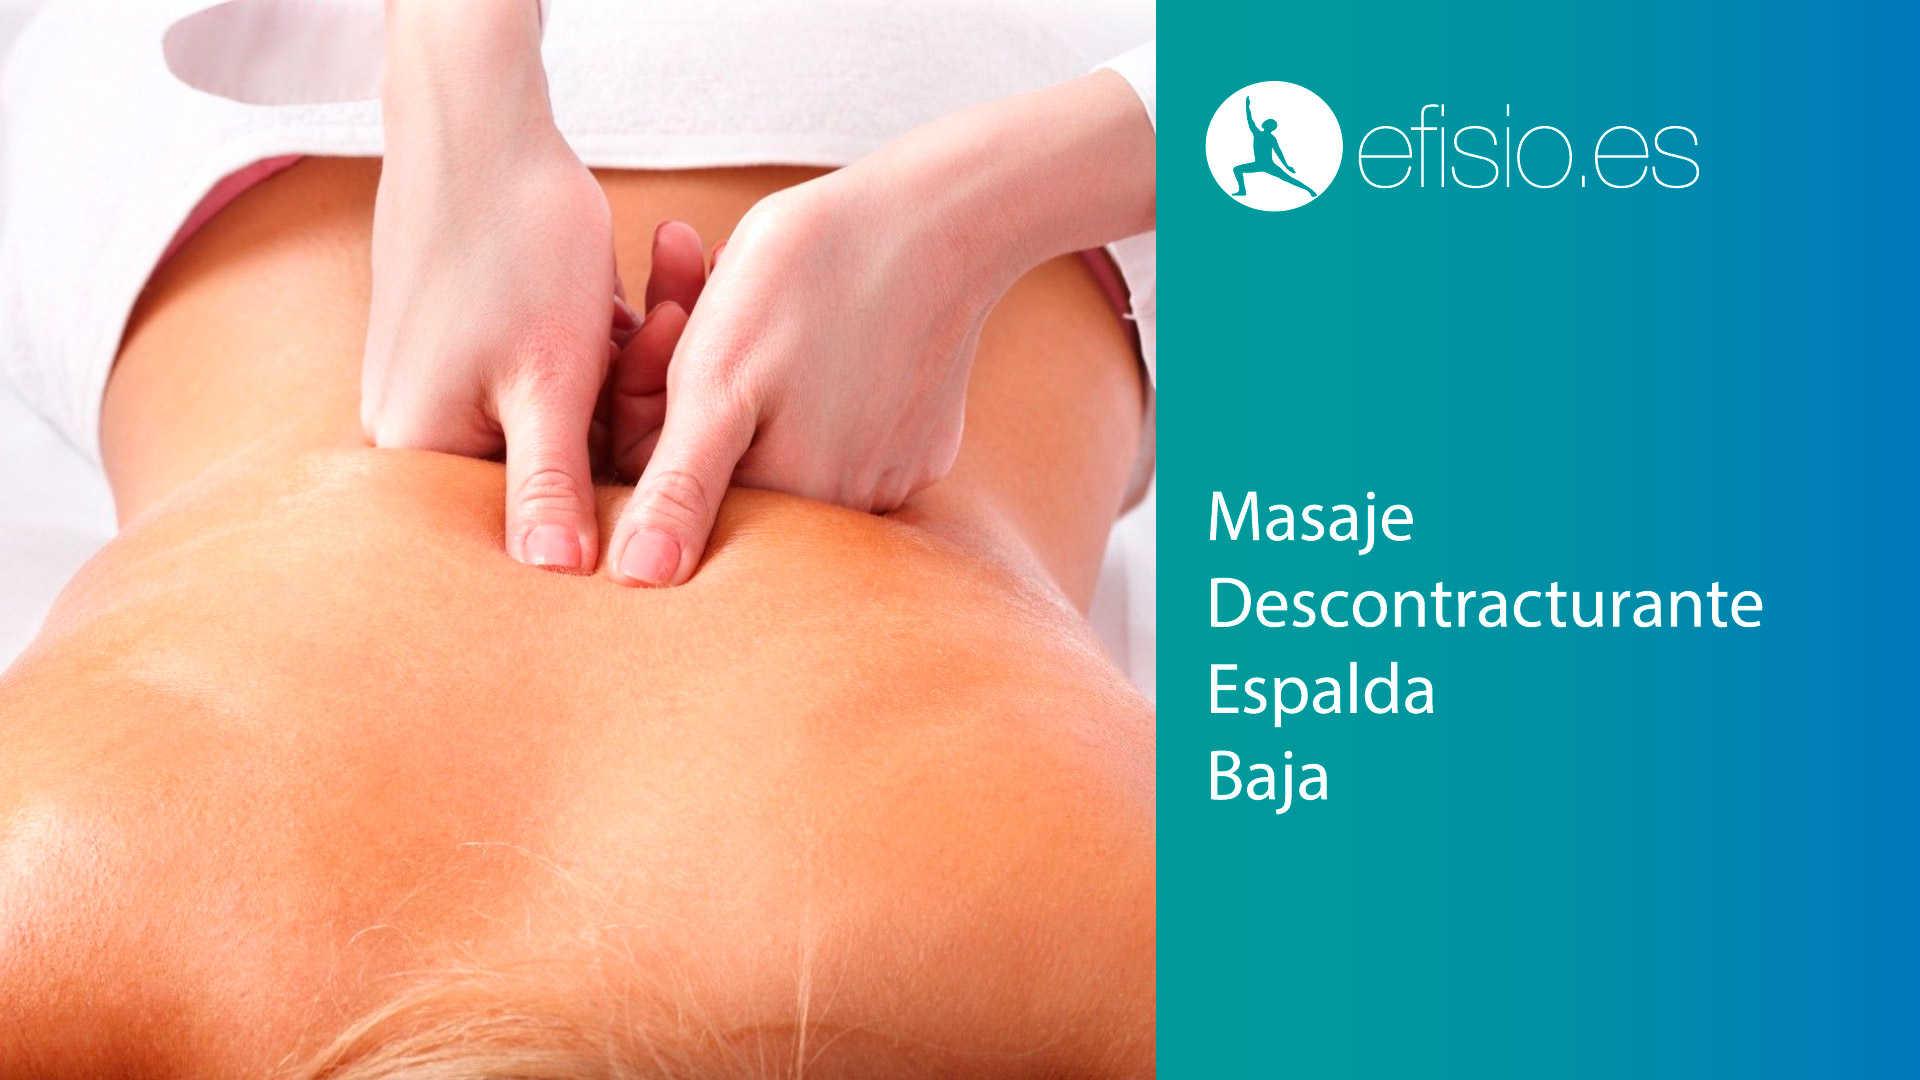 Masaje Descontracturante Espalda Baja Madrid